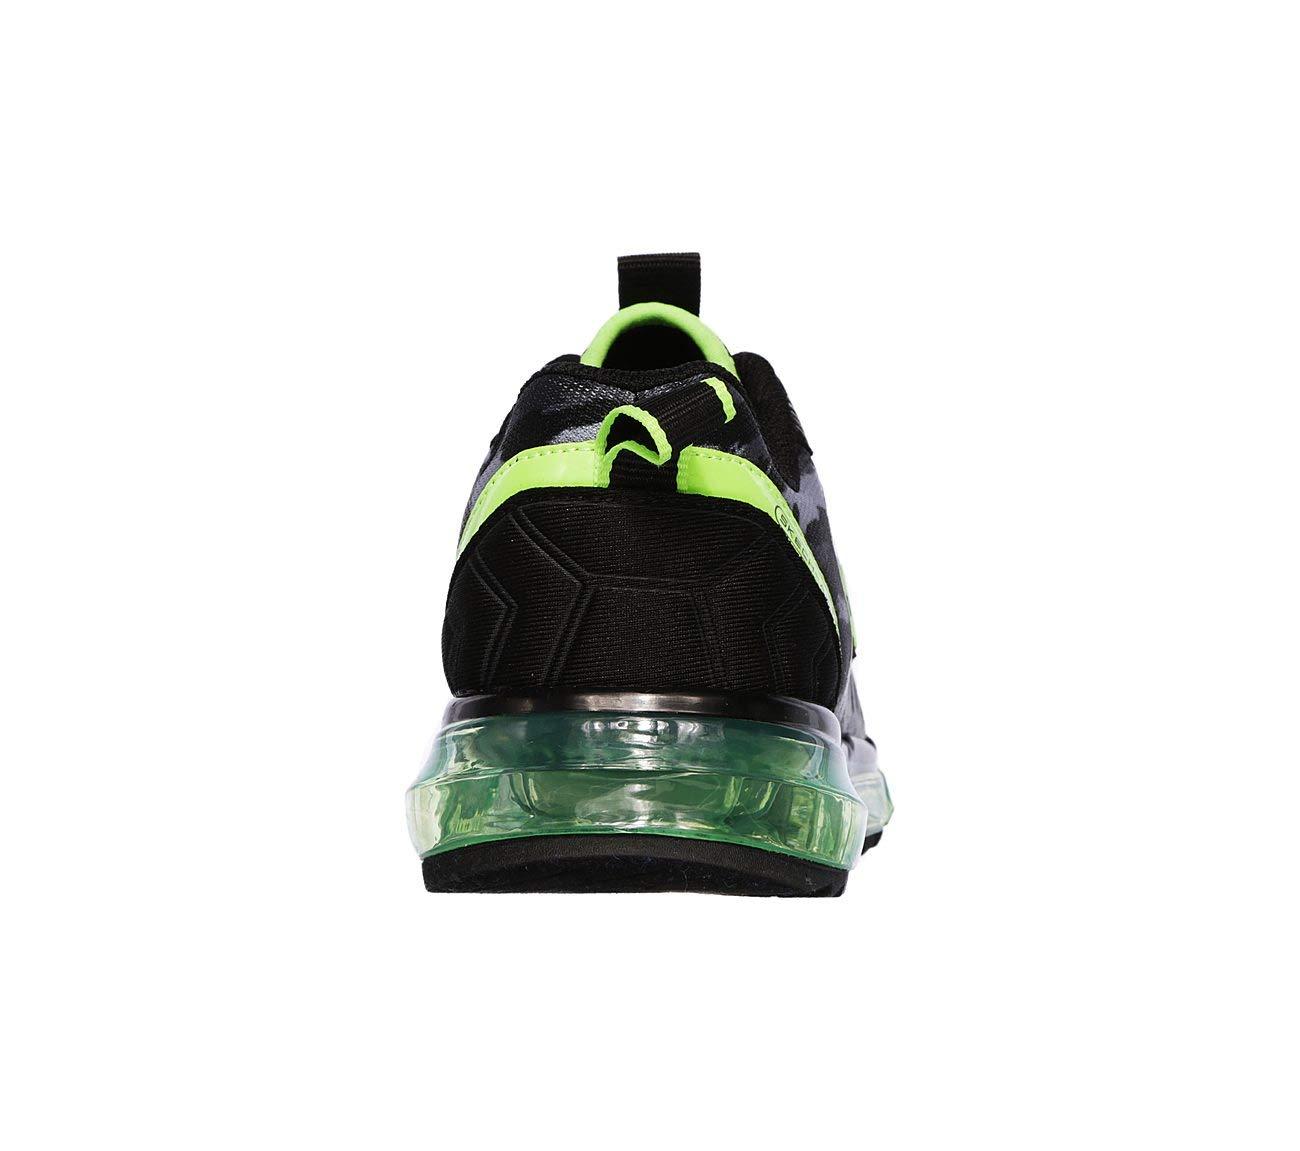 Skechers Boys's Skech-Air Mega, Training, Black,Lime, 12 US M Litte Kid